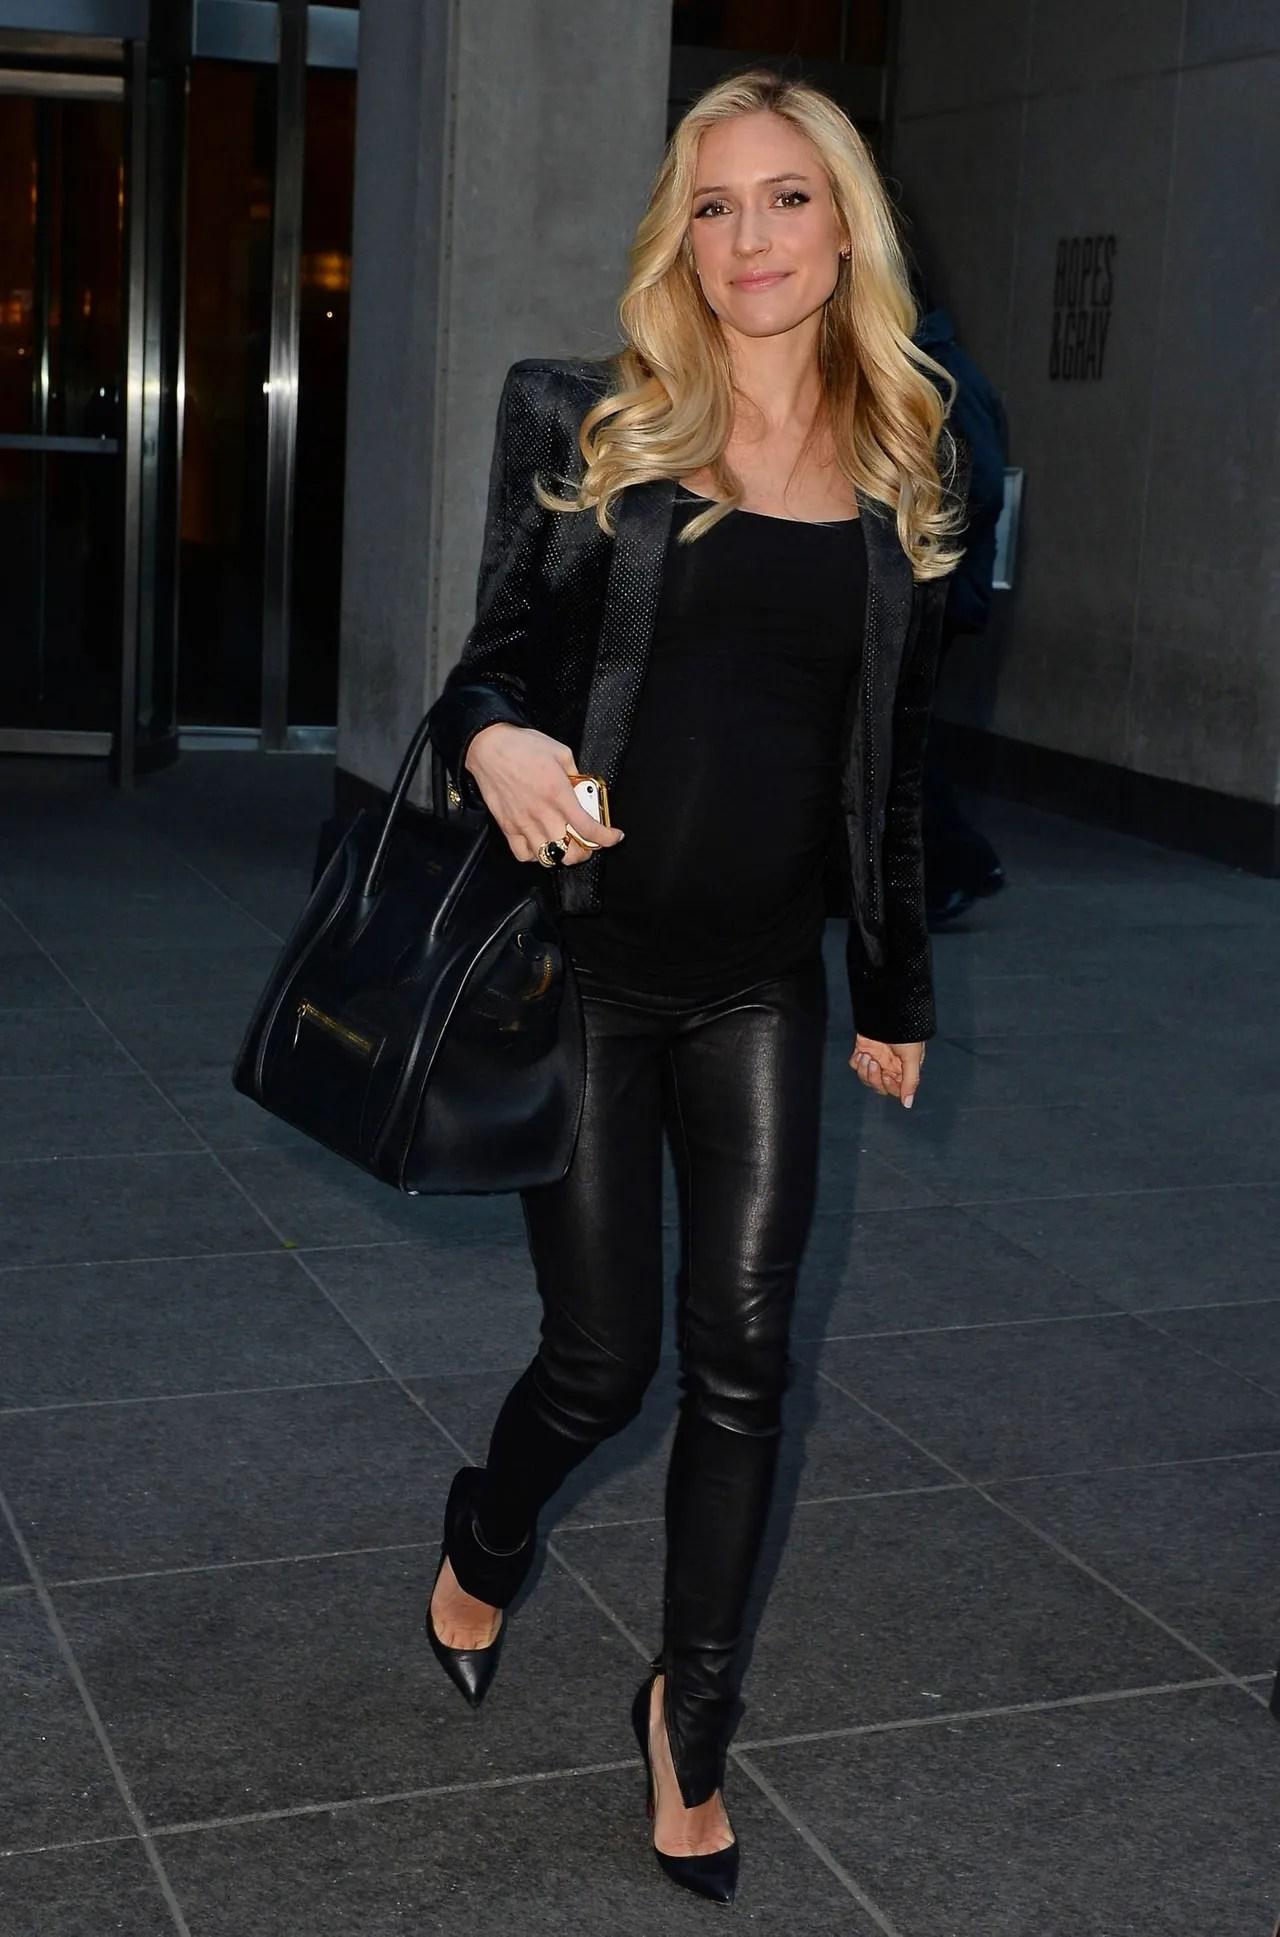 Kristin Cavallari Shoes